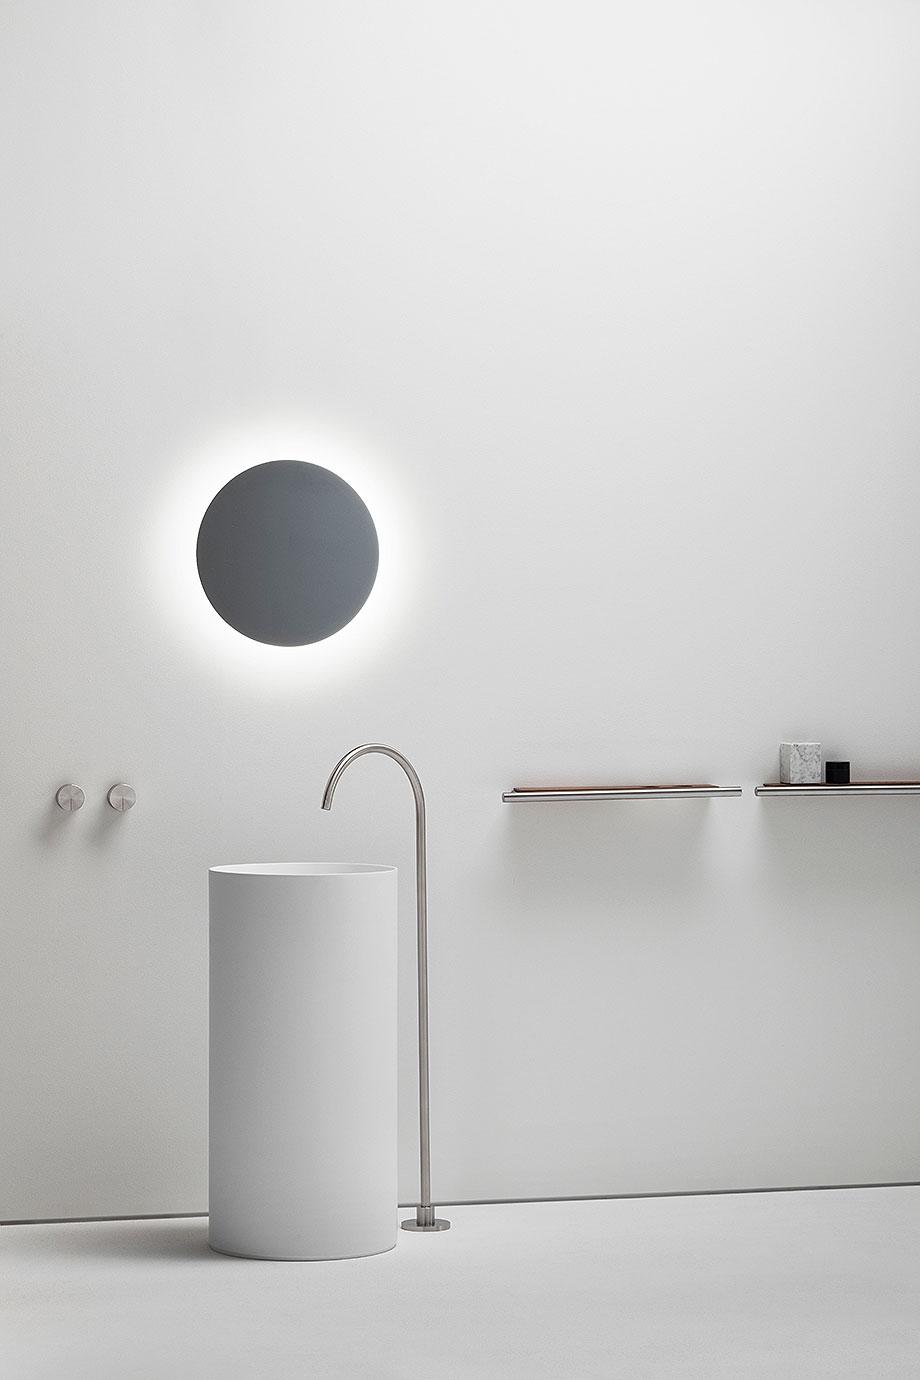 accesorios para baño cilindro de victor vasilev para falper (3) - foto alberto strada